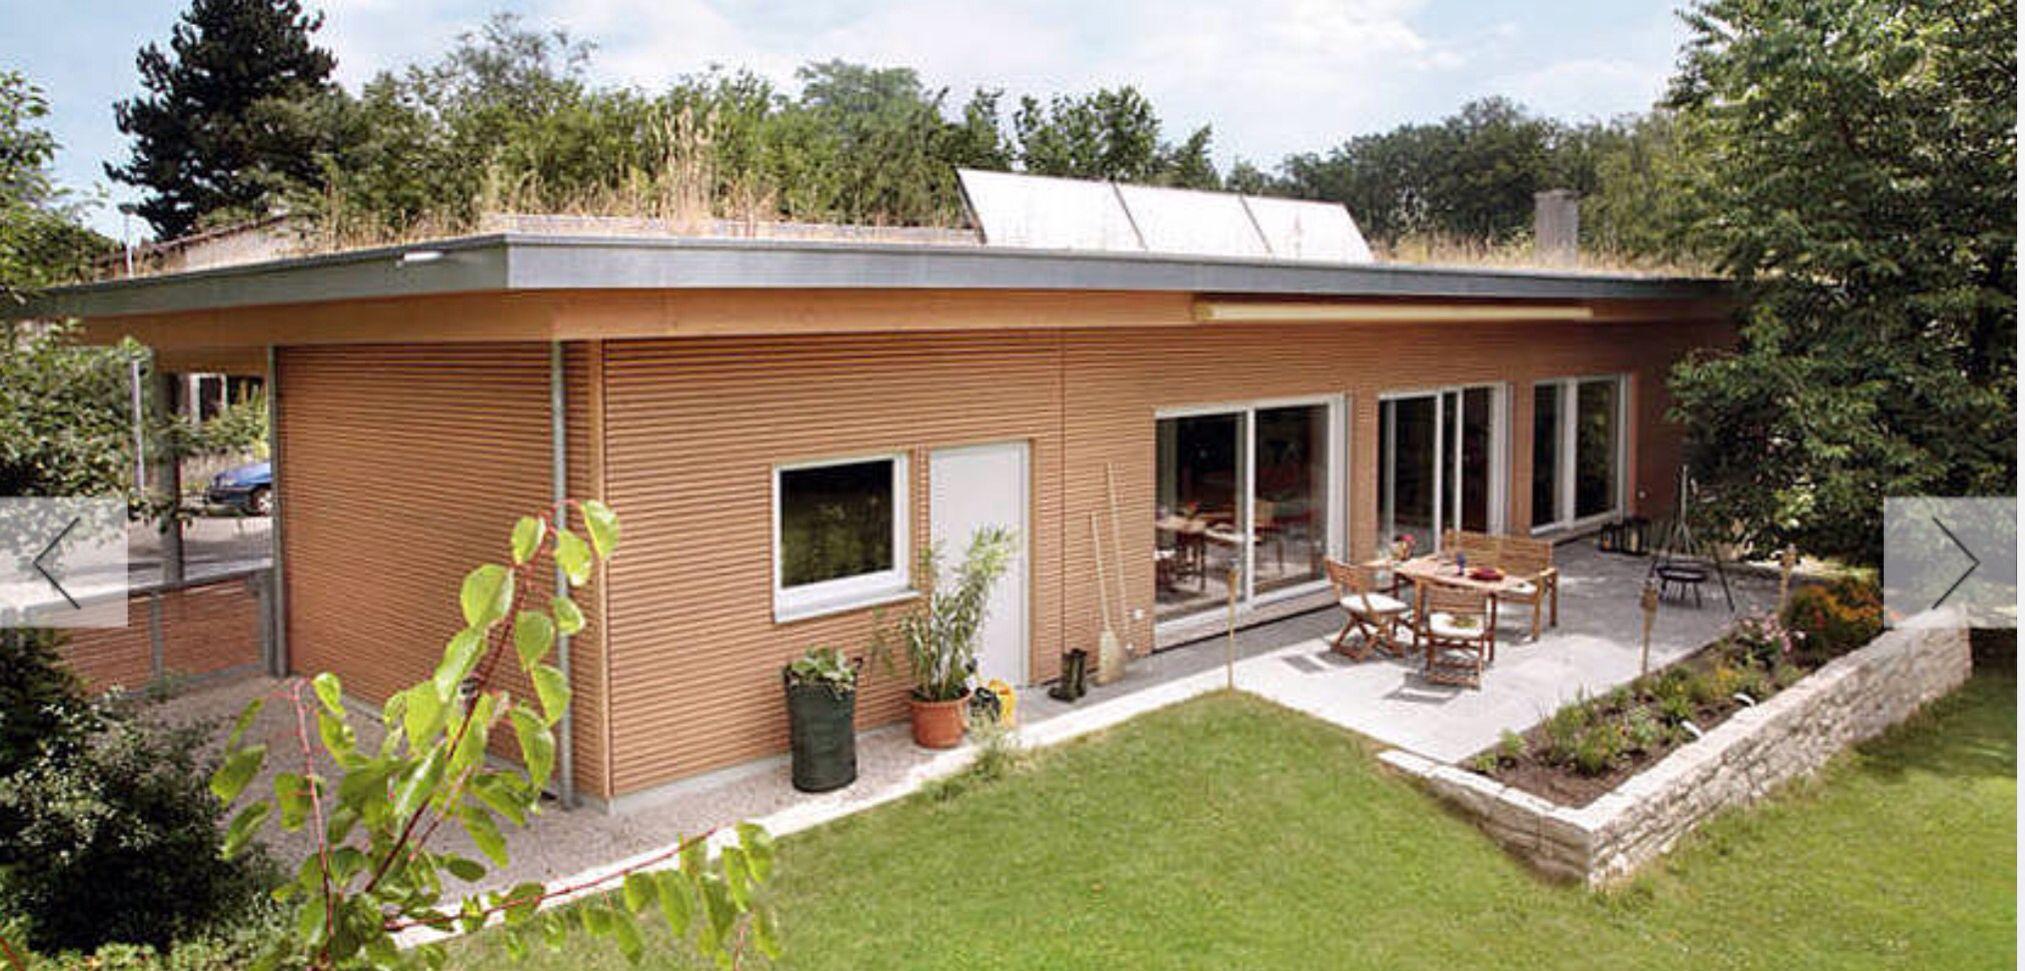 garten bungalow wimpelkette - garten und terrasse - podest